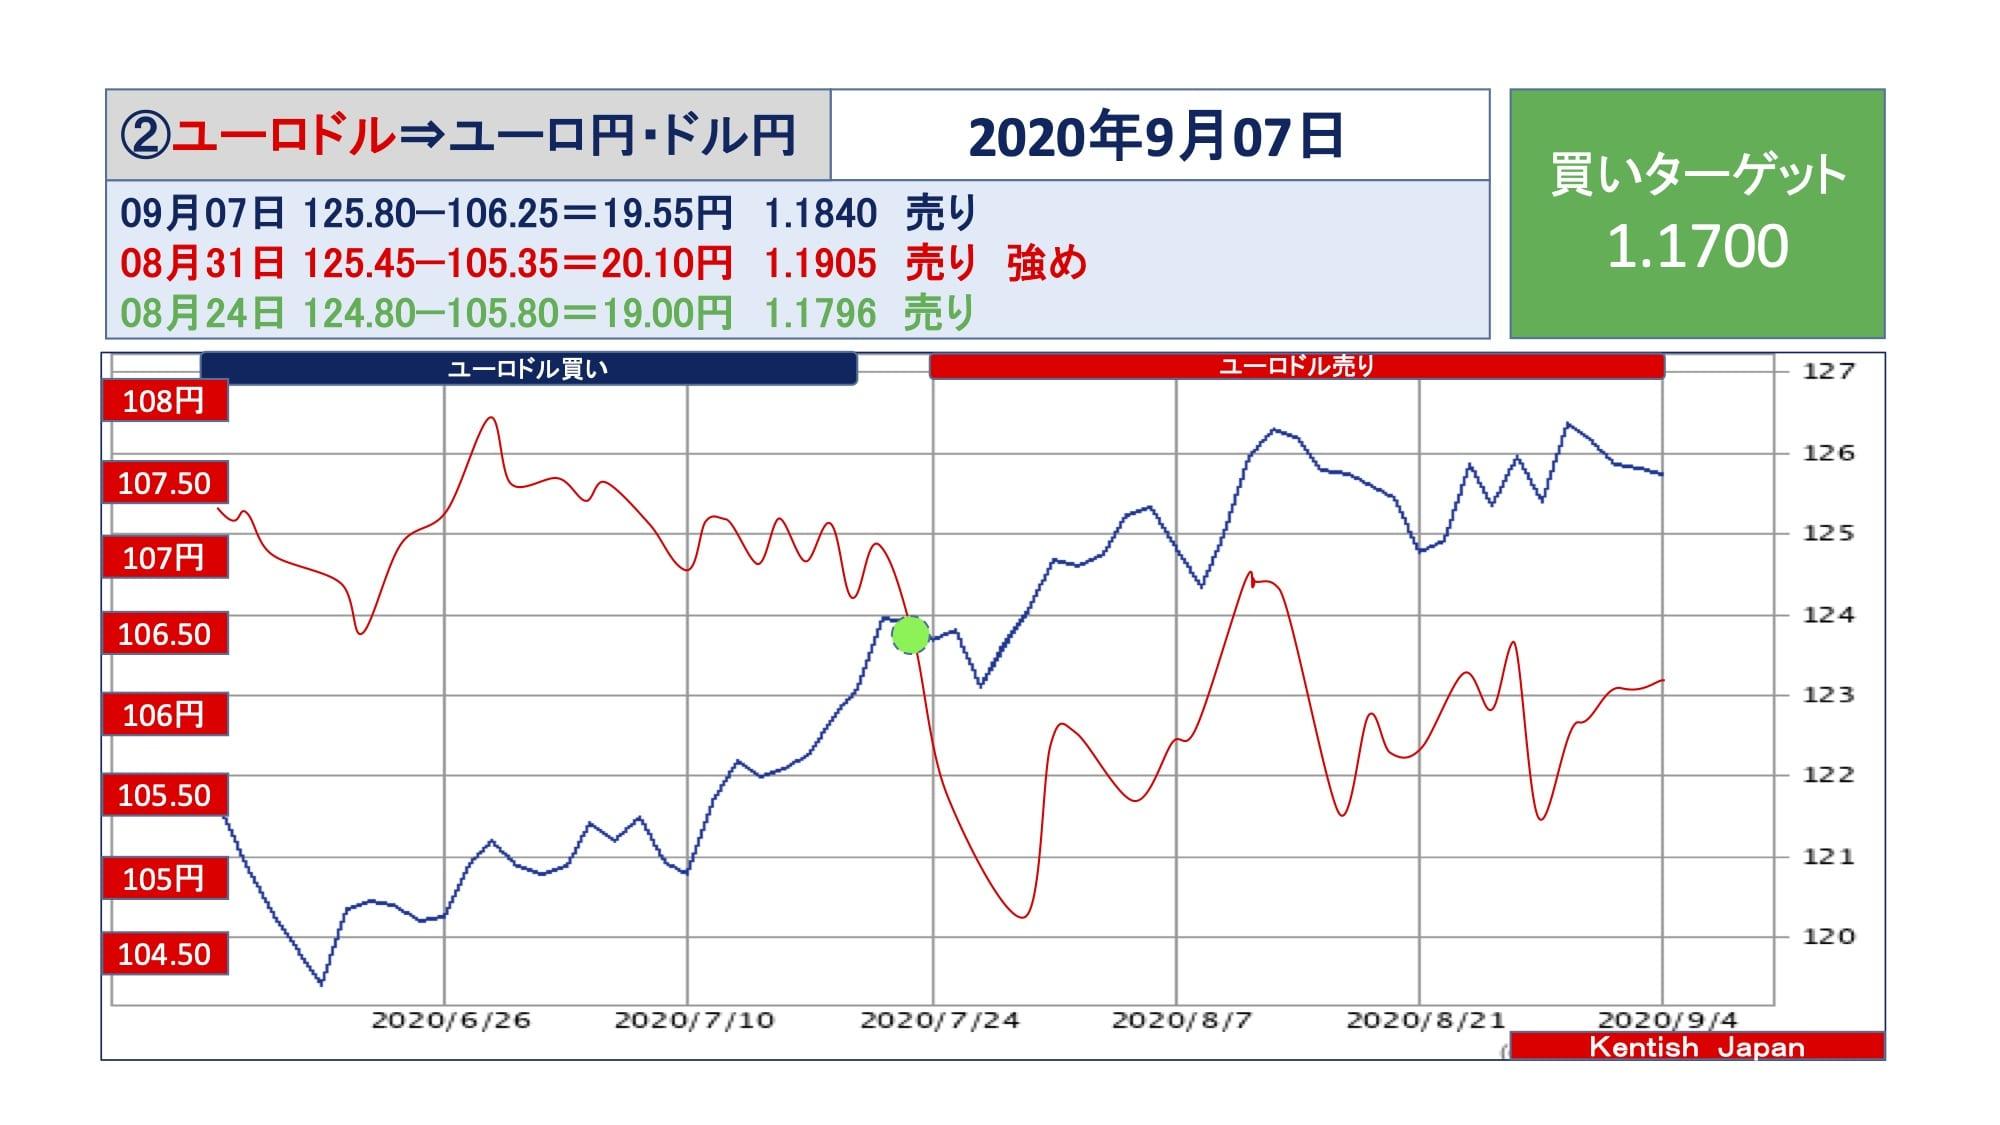 【2020年9月7日週】ユーロドル(ユーロ円-ドル円)